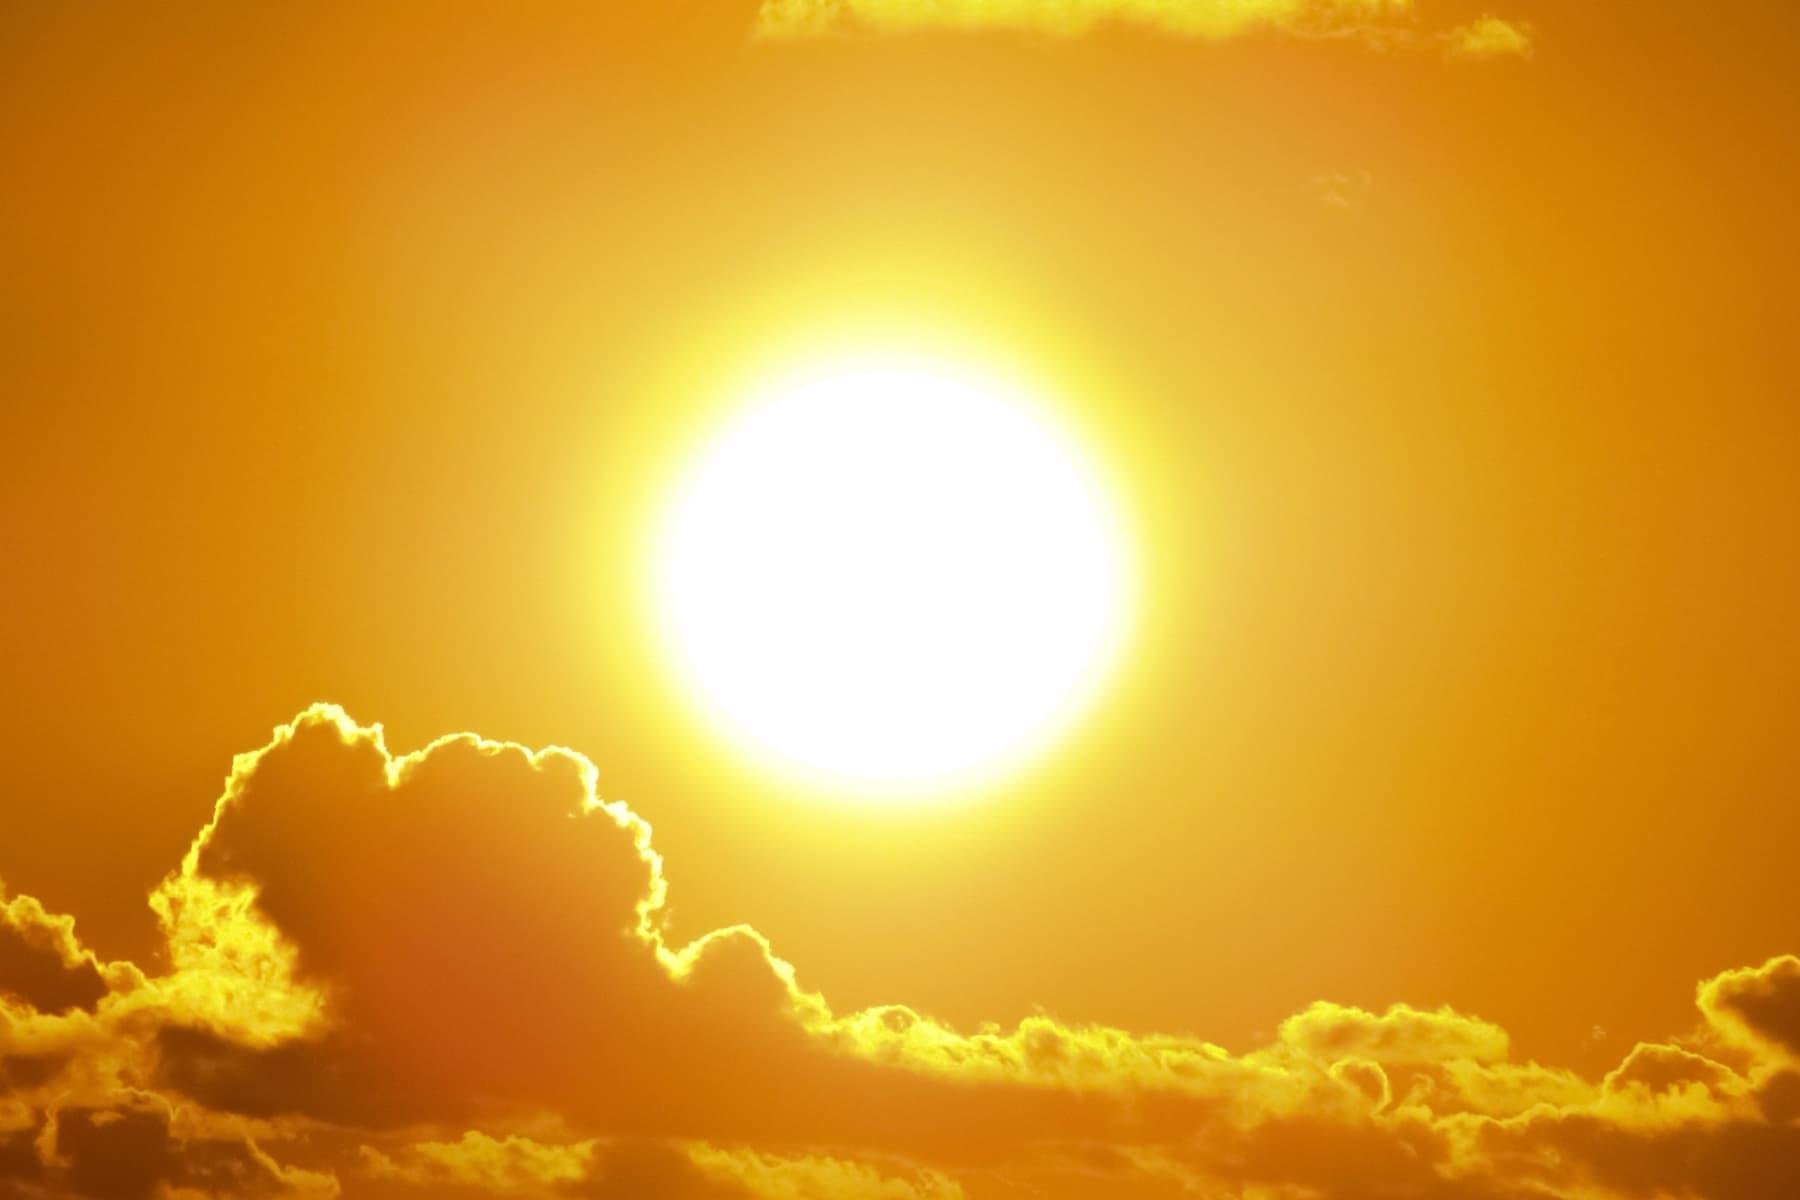 Sonnenschutz-Studie